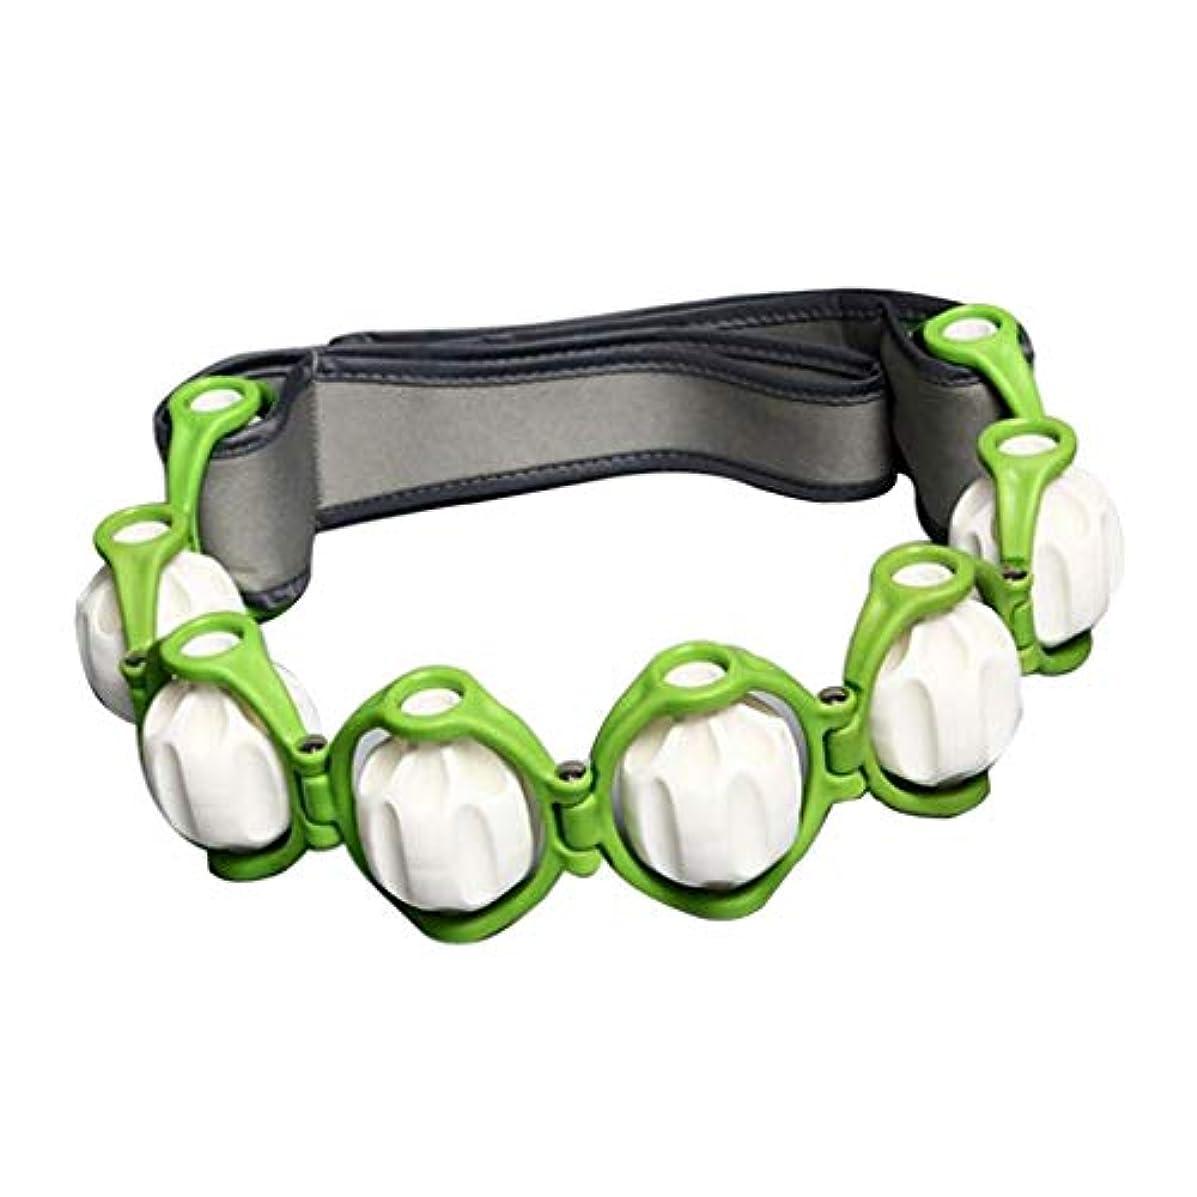 瞑想するメールを書く火ボディマッサージローラー ロープ付き 六つボール 4色選べ - 緑, 説明したように